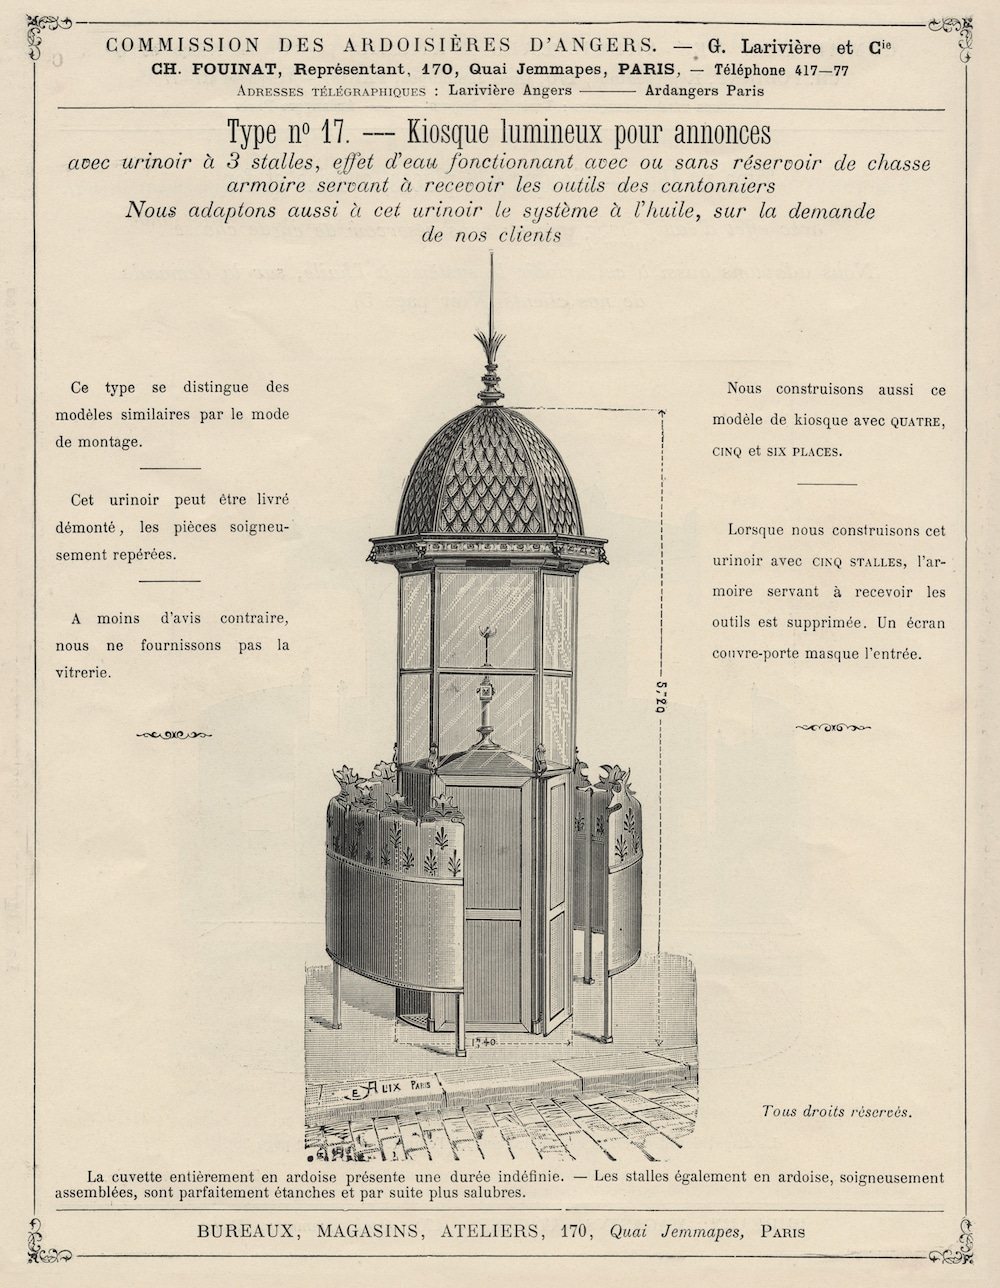 dessin d'une vespasienne, catalogue de mobilier urbain 1901